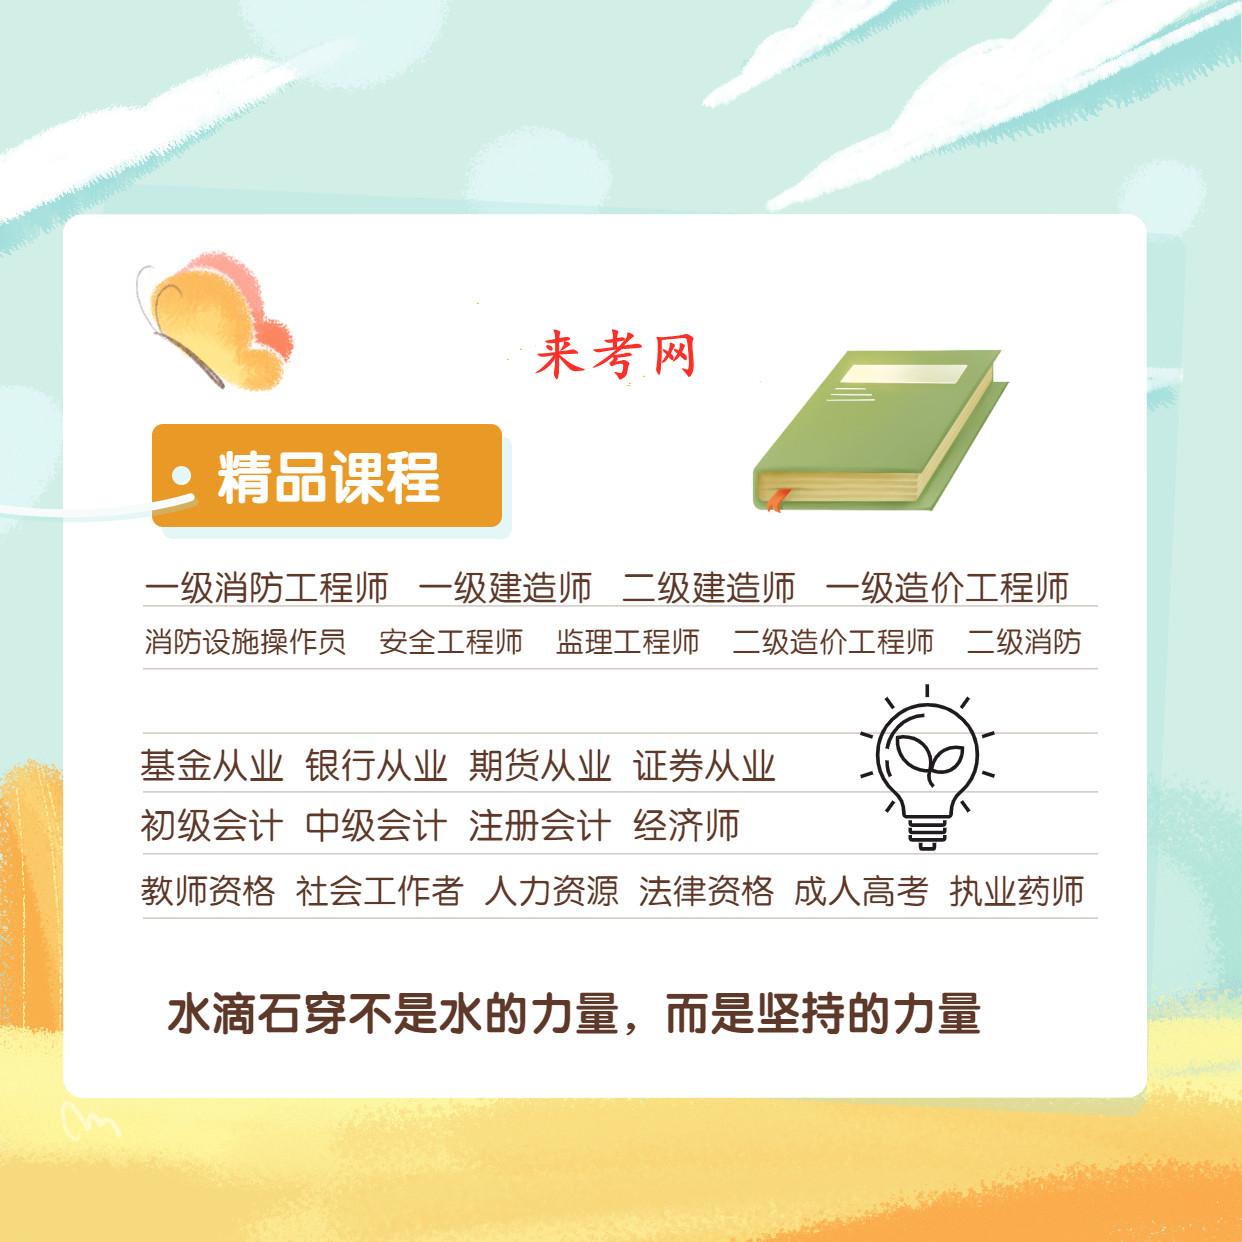 2021年湖北省二级建造师报考条件有哪些要求呢?报考条件不符合怎么办呢?